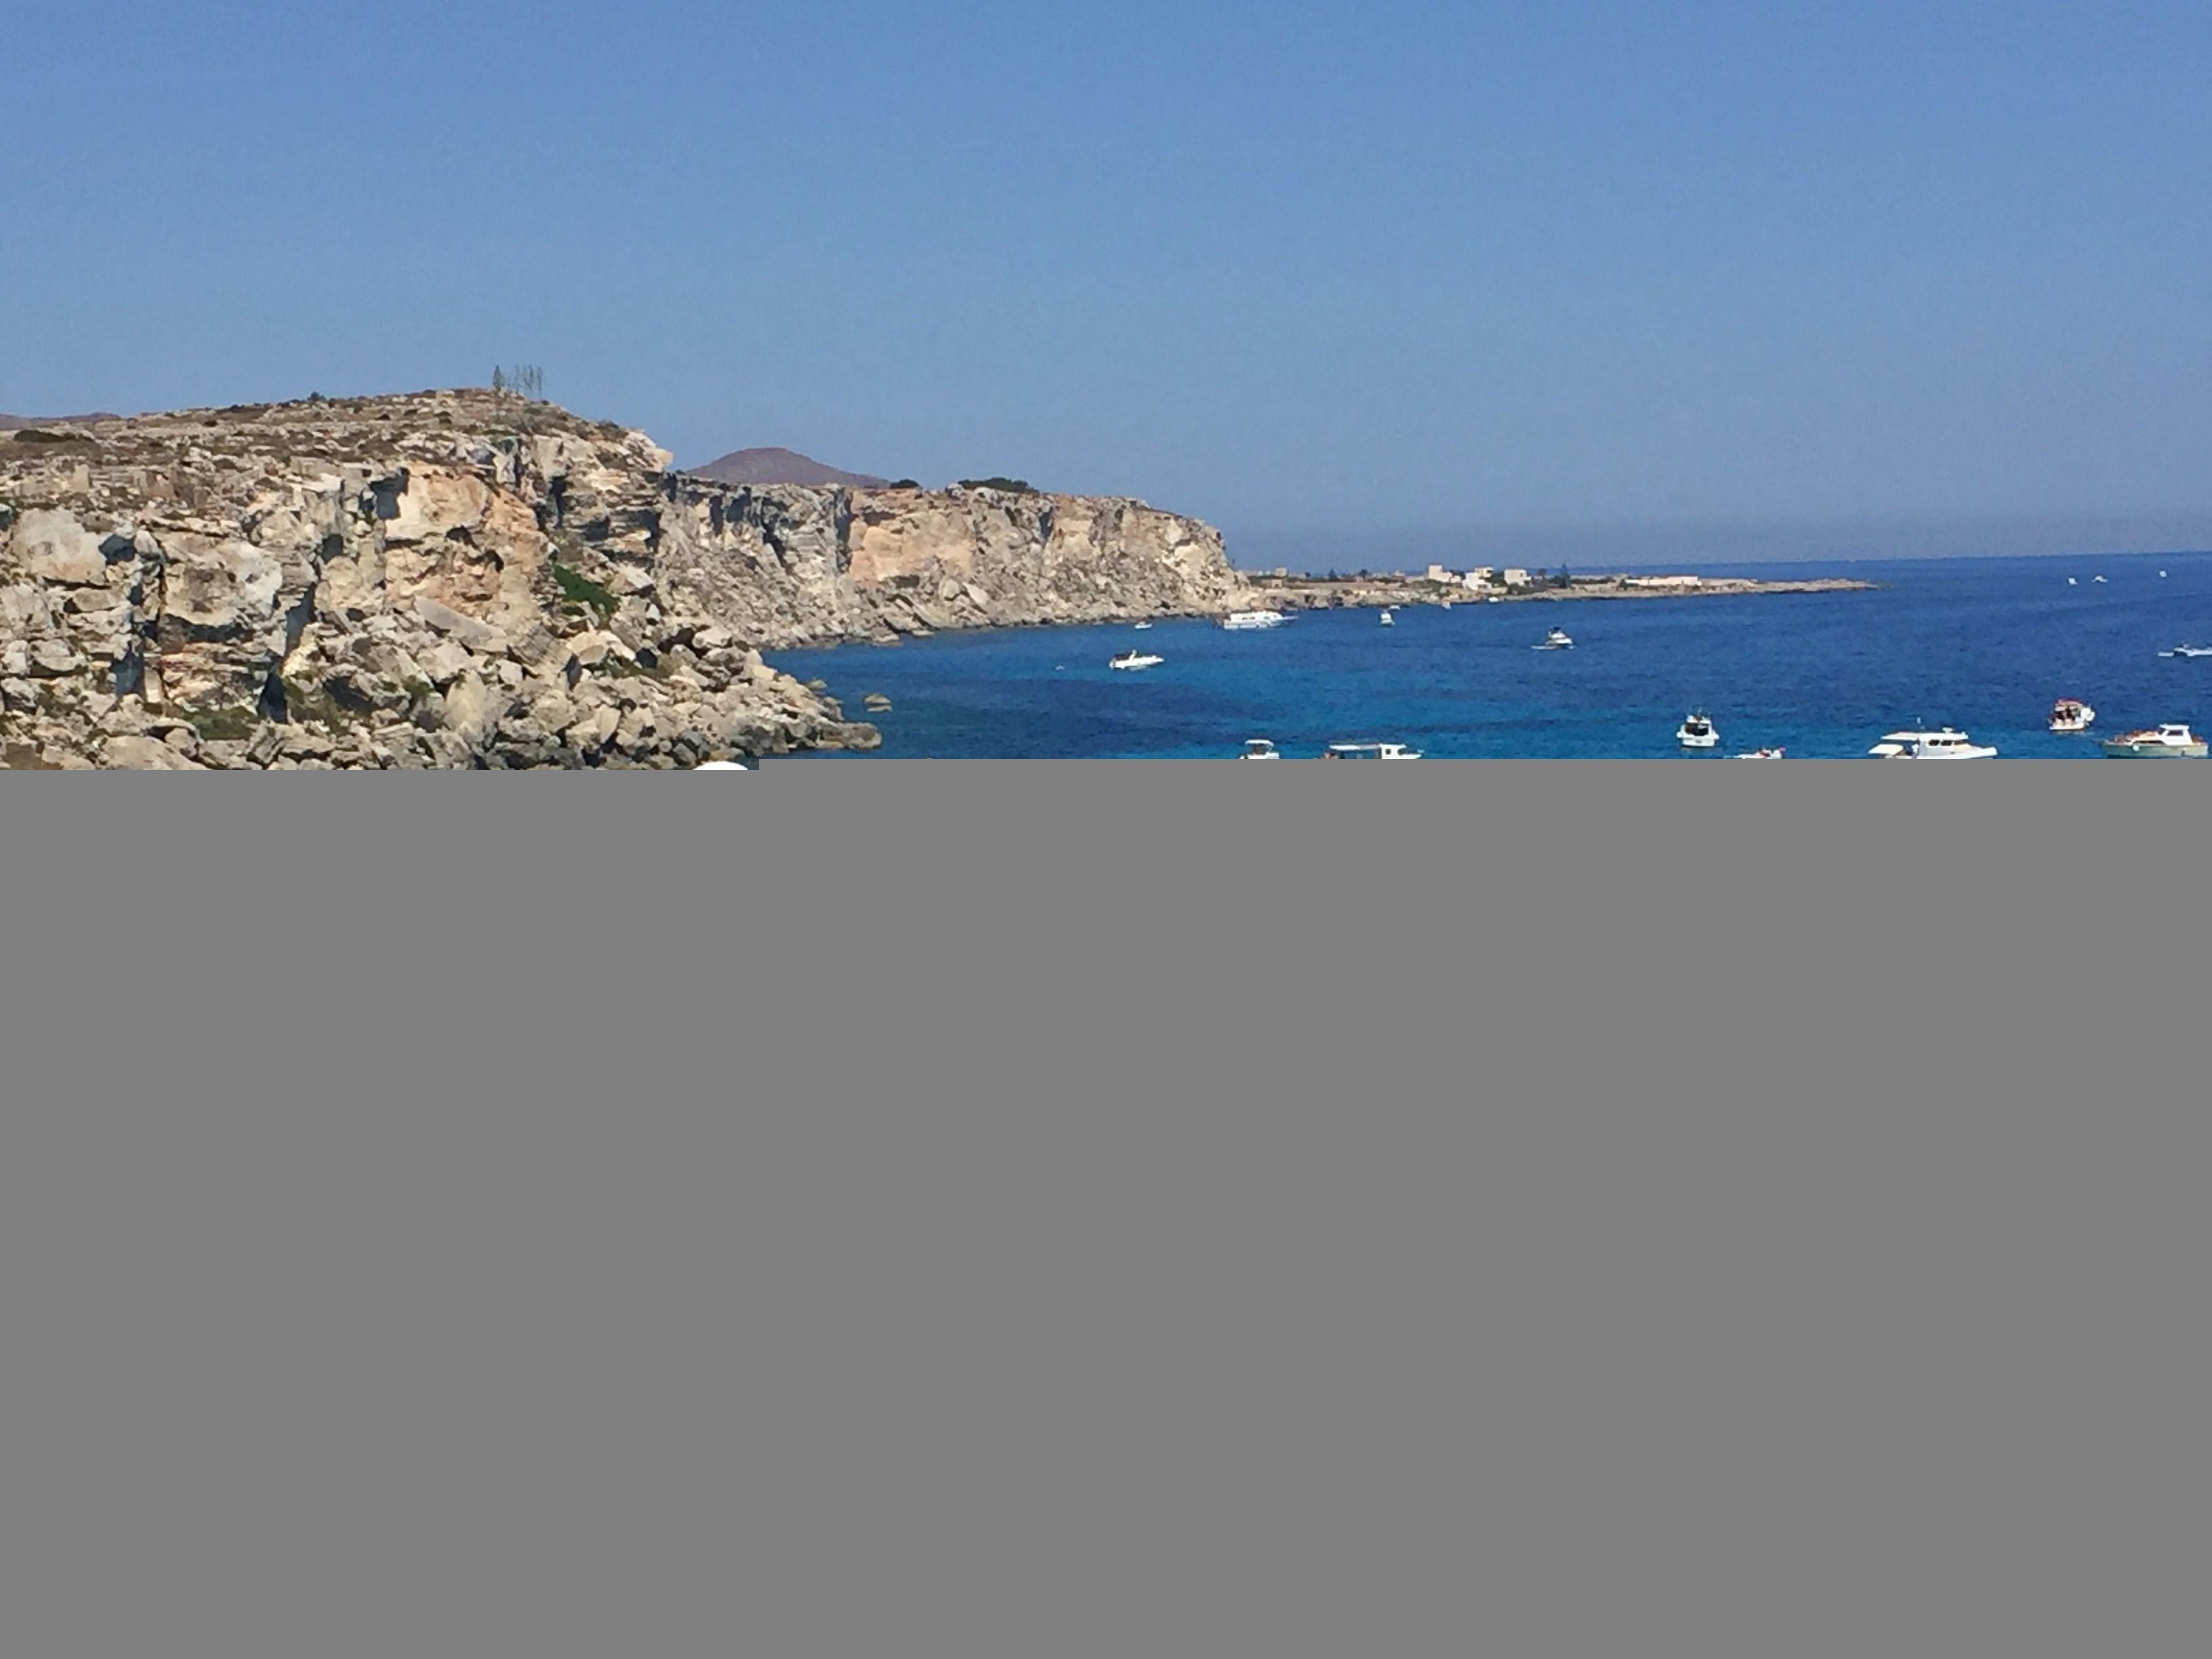 Roteiro de 4 dias pela Sicília! Das praias paradísicas ao vulcão mais ativo da Europa